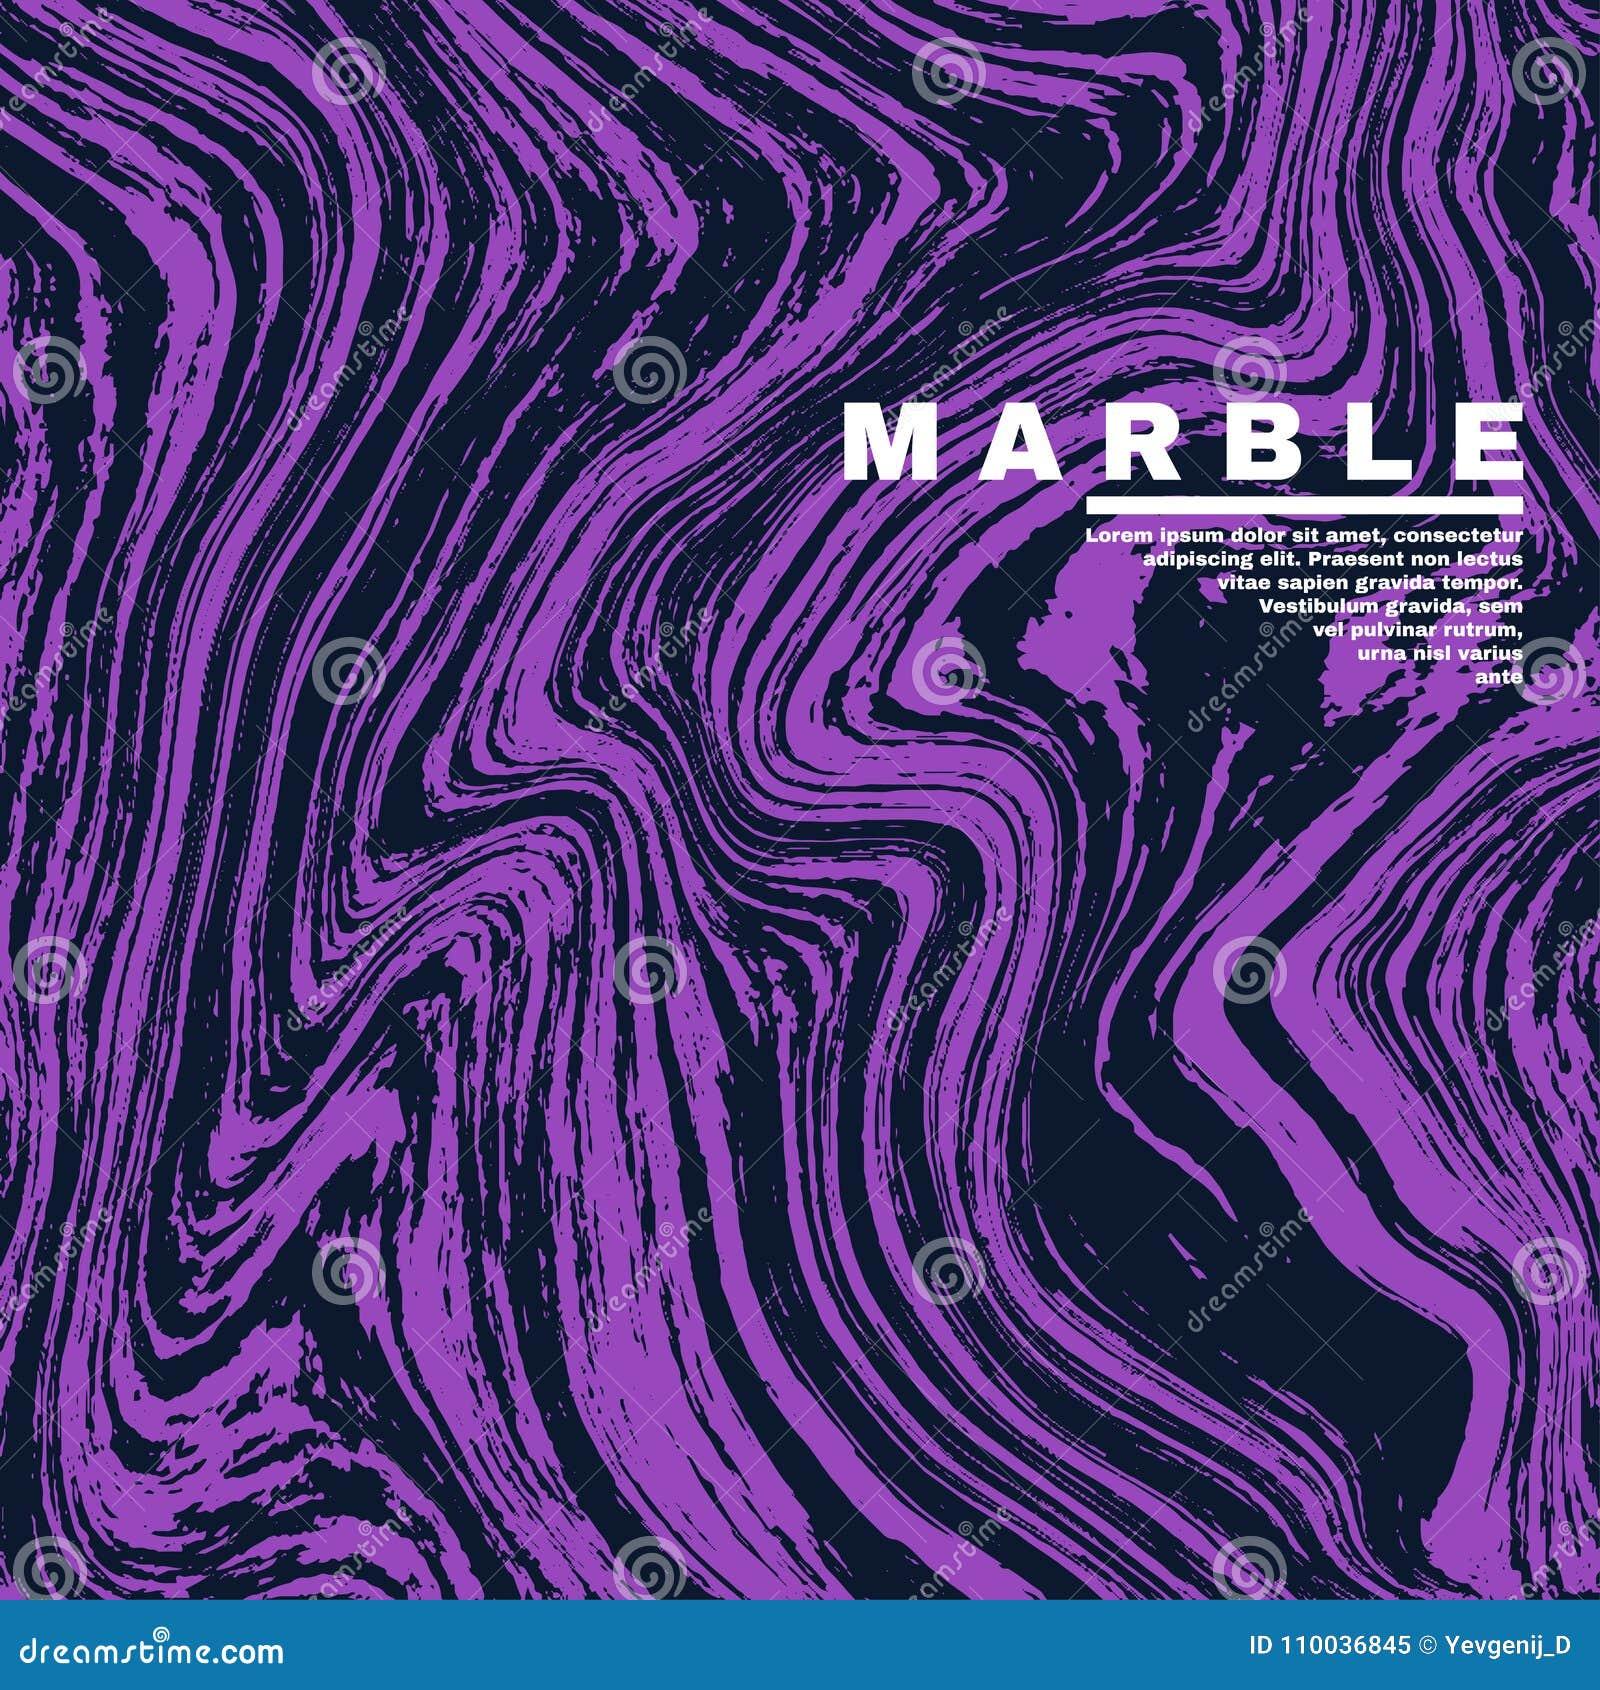 Dorable Color Morado Libro Citas Colección - Enmarcado Para Colorear ...